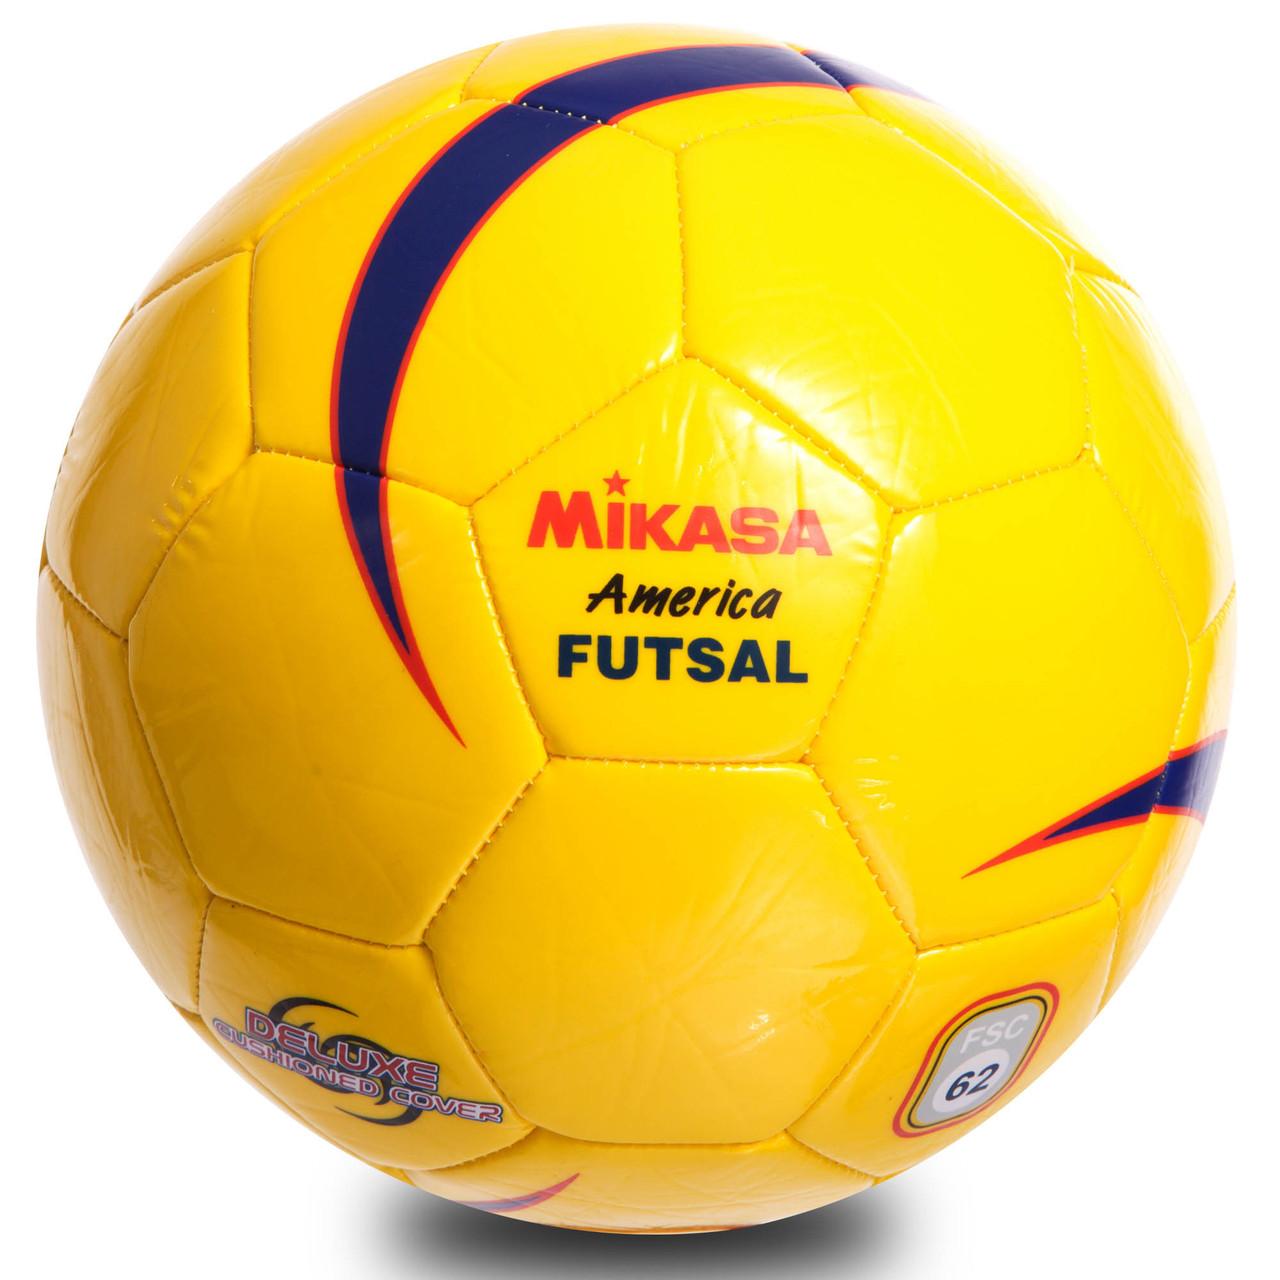 М'яч футбольний для гри в залі №4 ламін. MIKASA FSC62Y